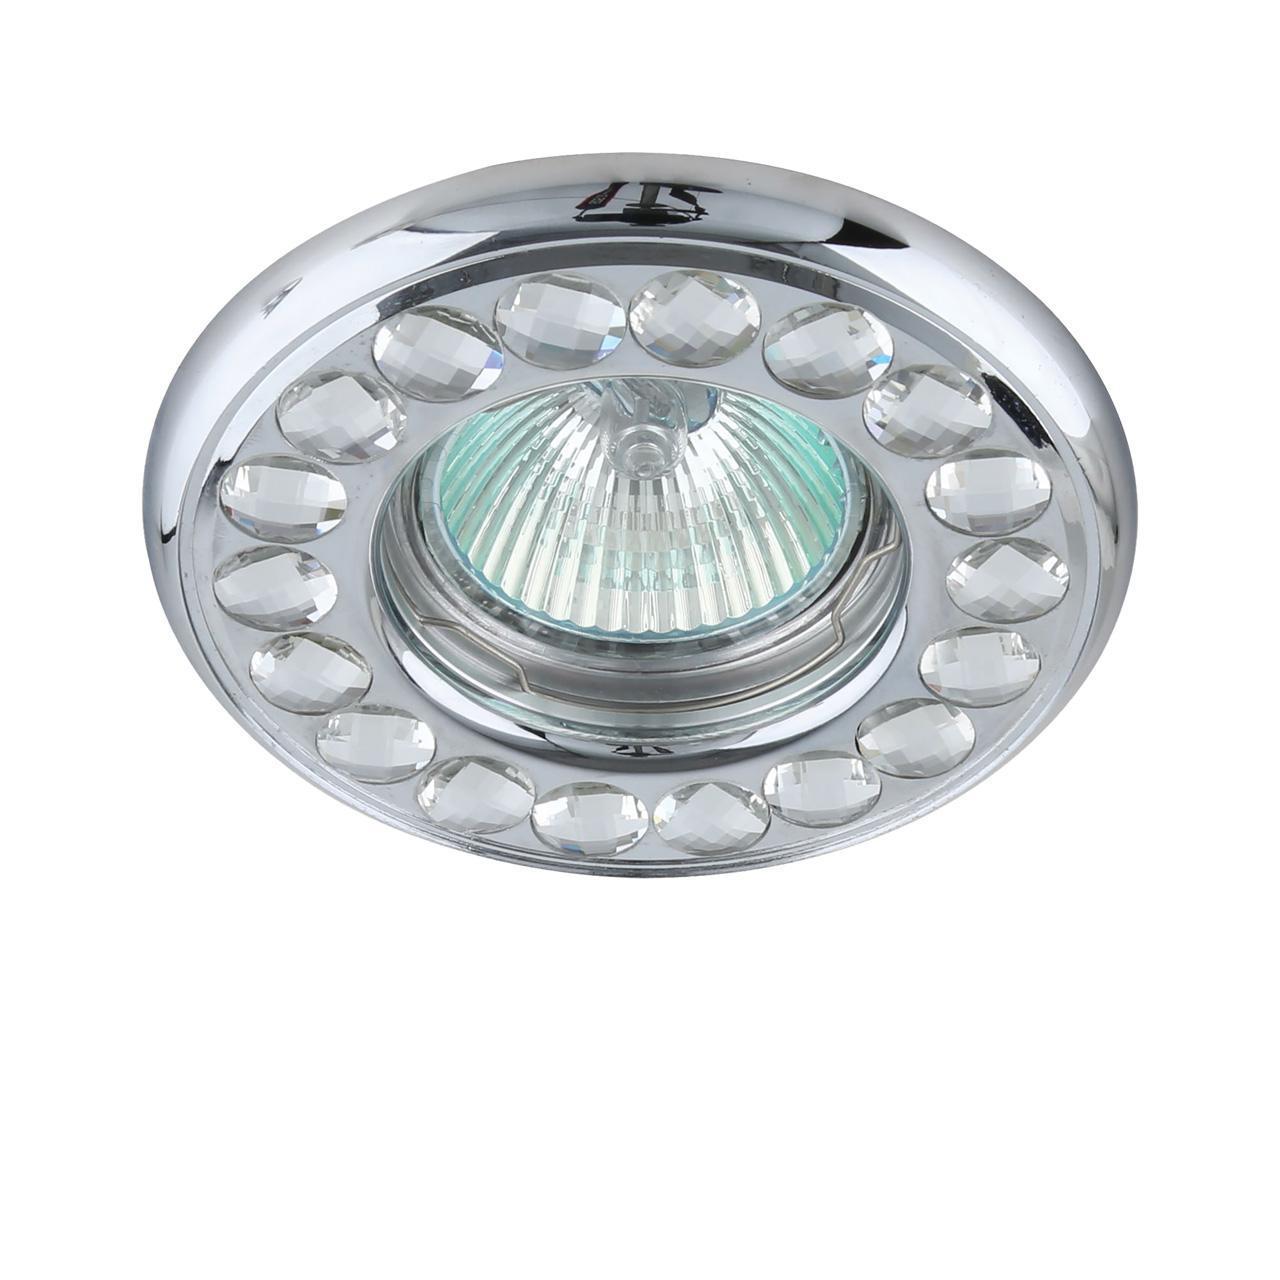 Точечный светильник Lightstar Miriade 011904 точечный светильник lightstar miriade 011904